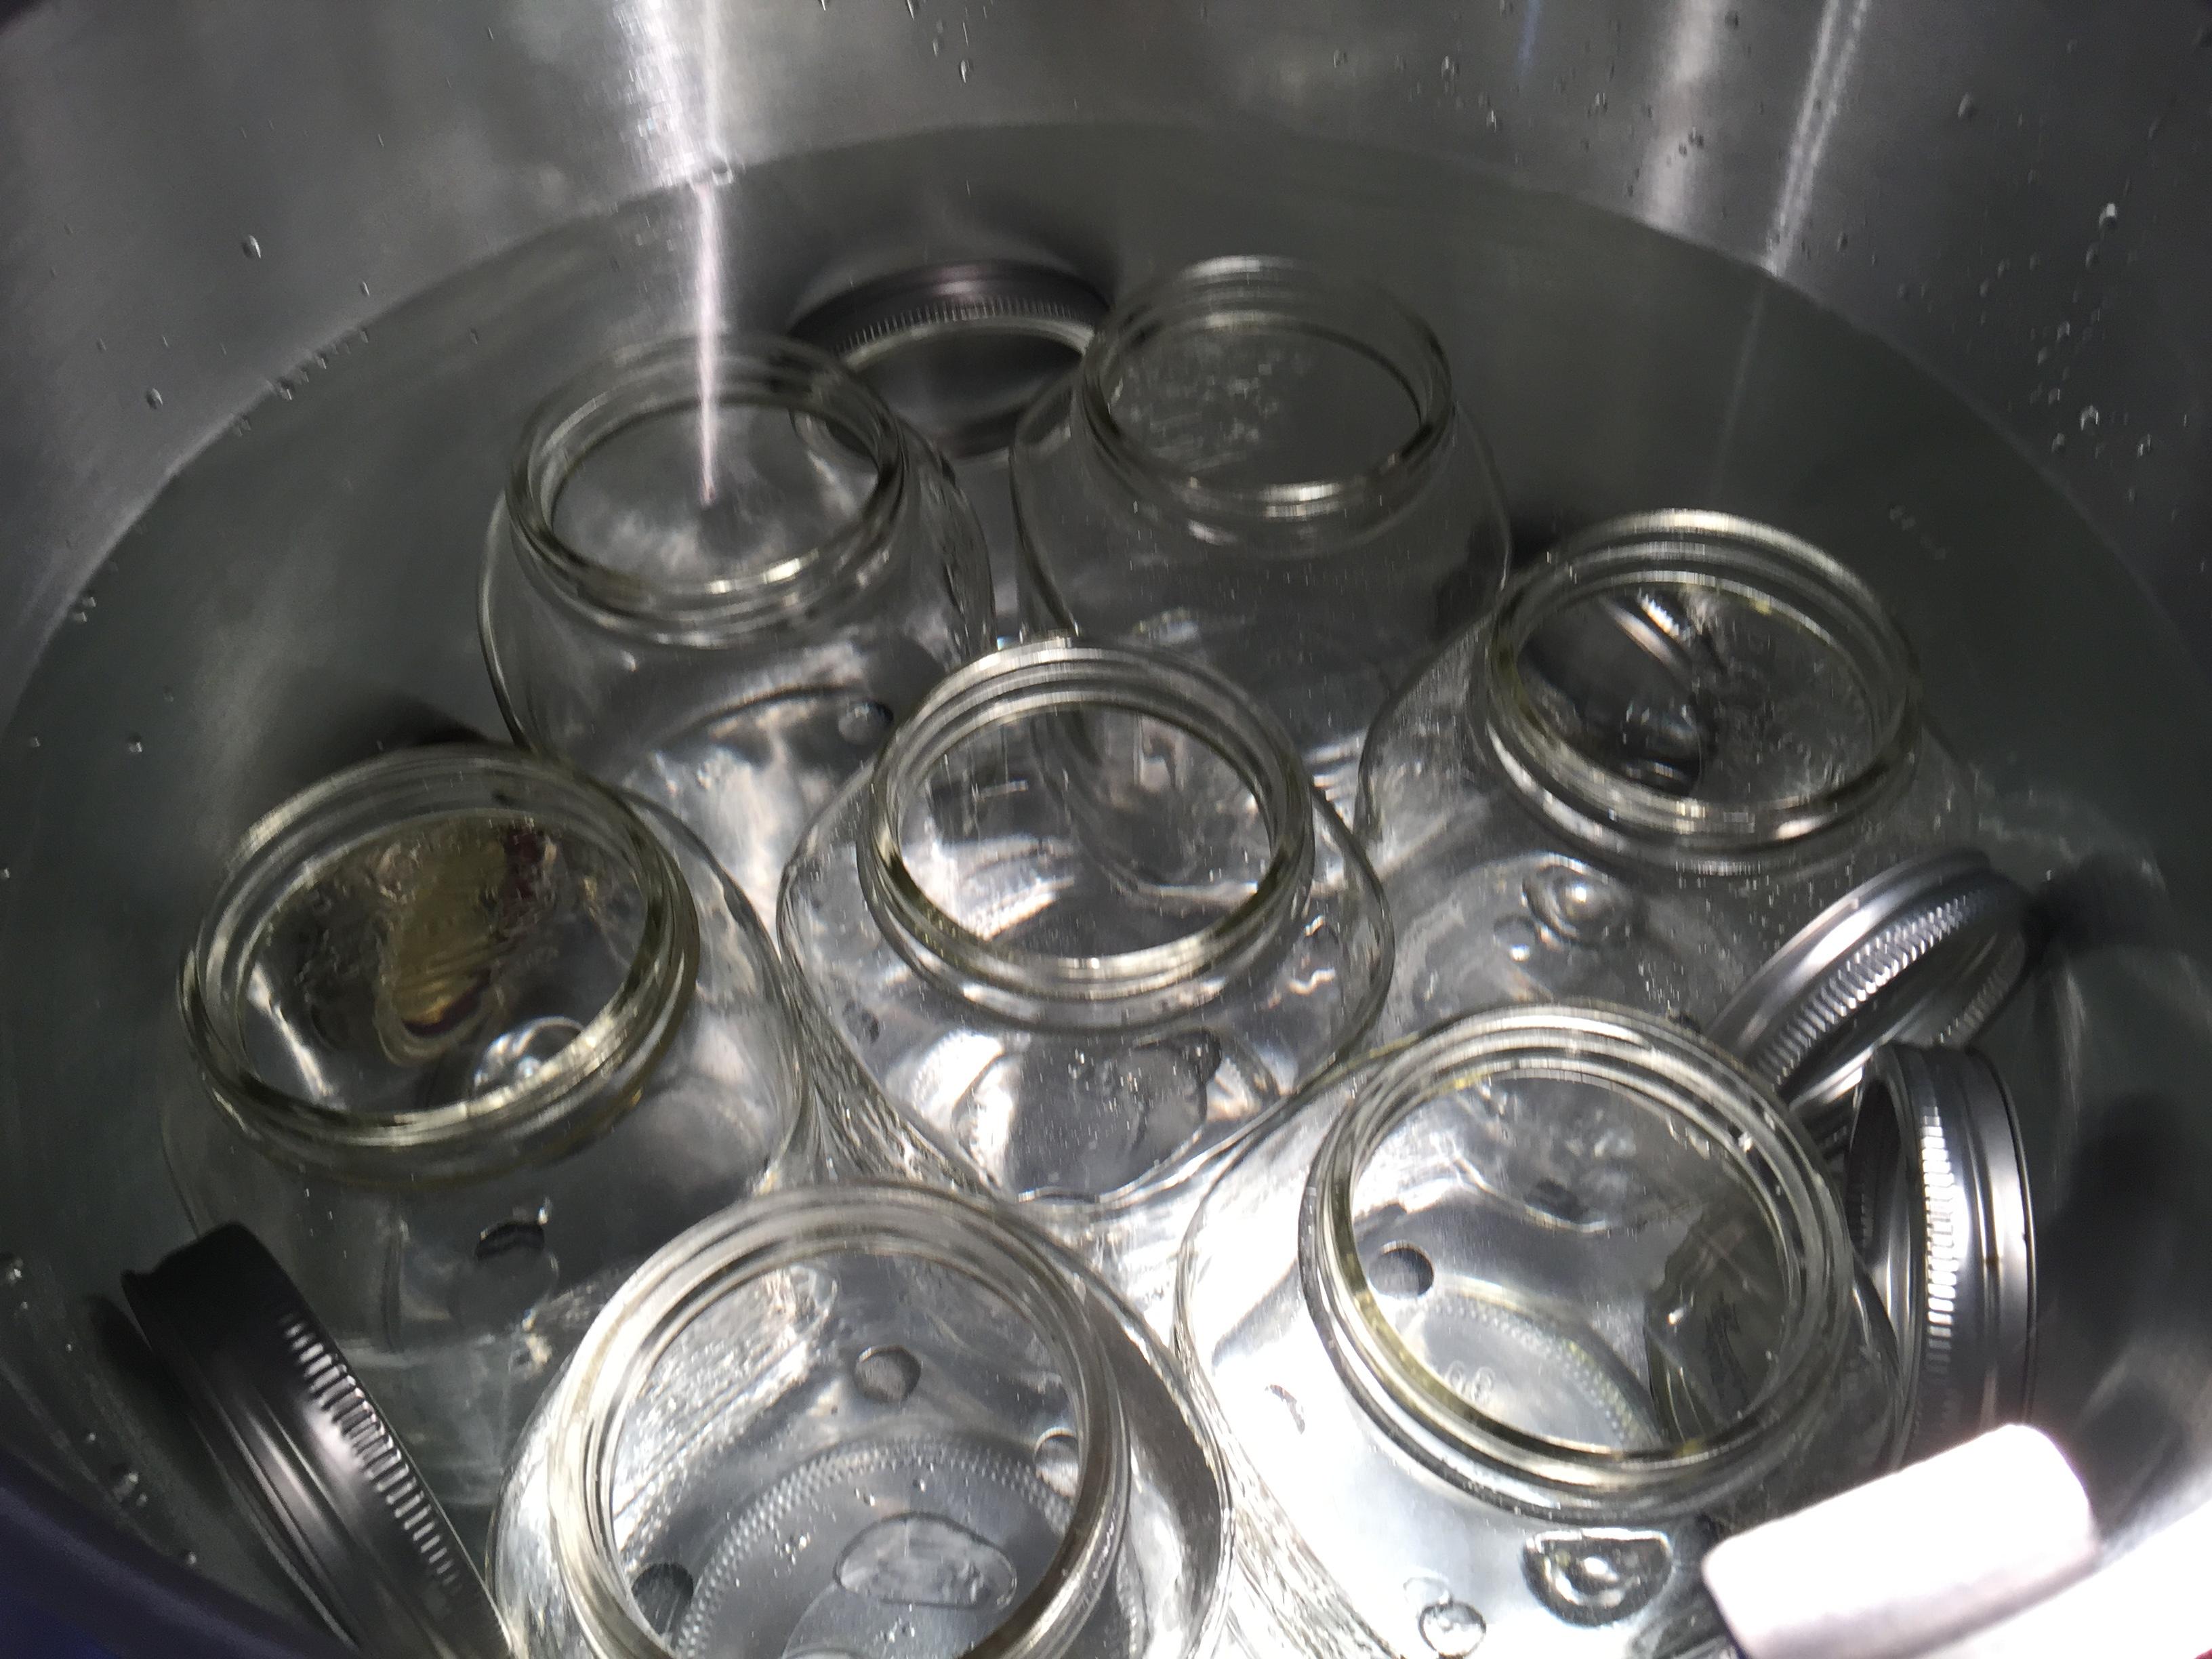 sterilisation-pots-mason